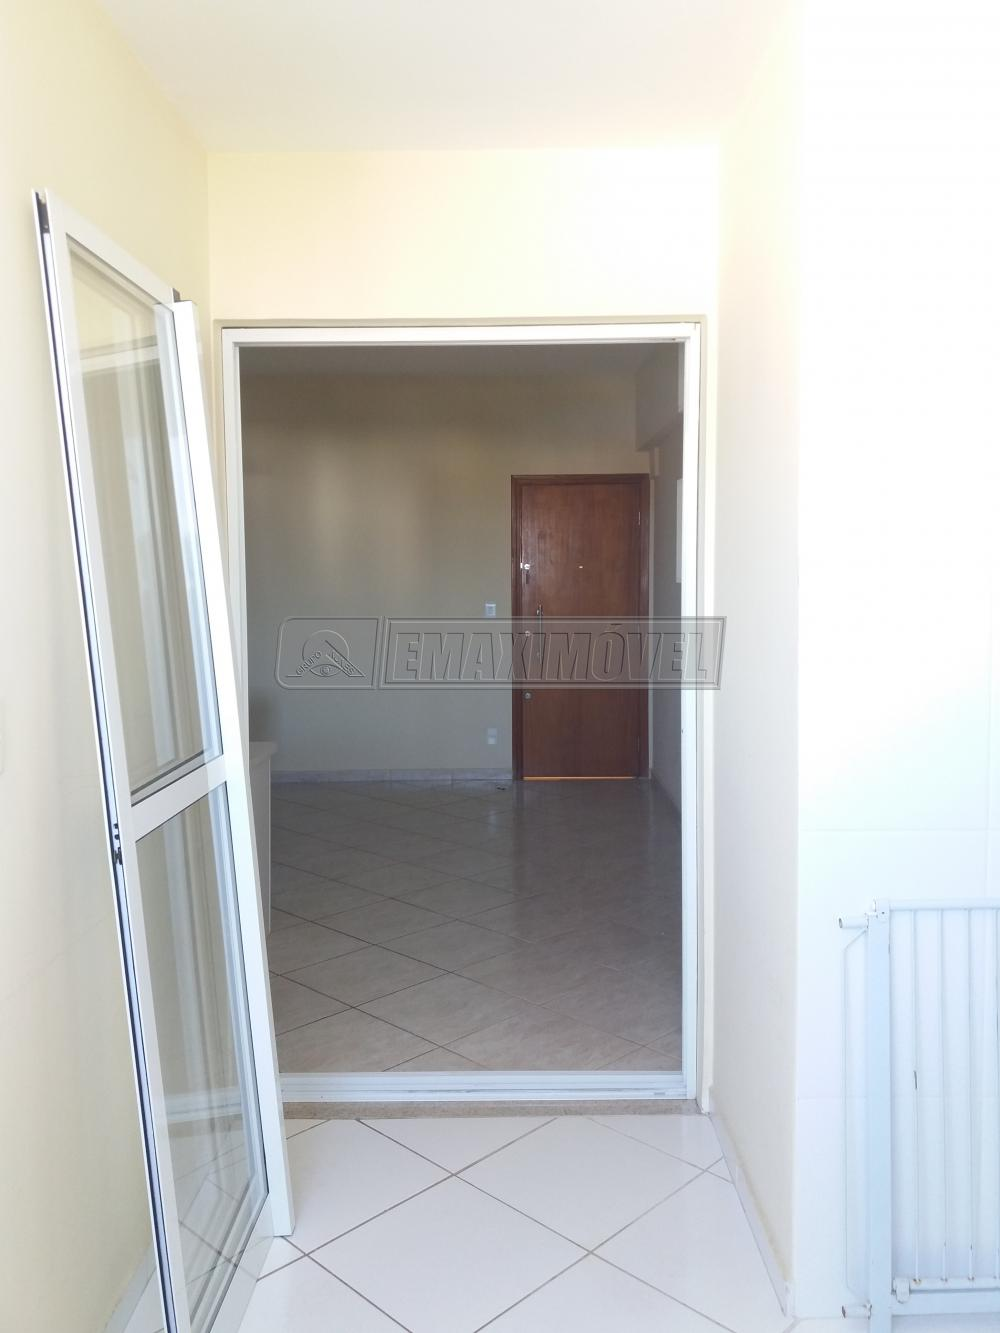 Alugar Apartamentos / Apto Padrão em Sorocaba apenas R$ 1.100,00 - Foto 15